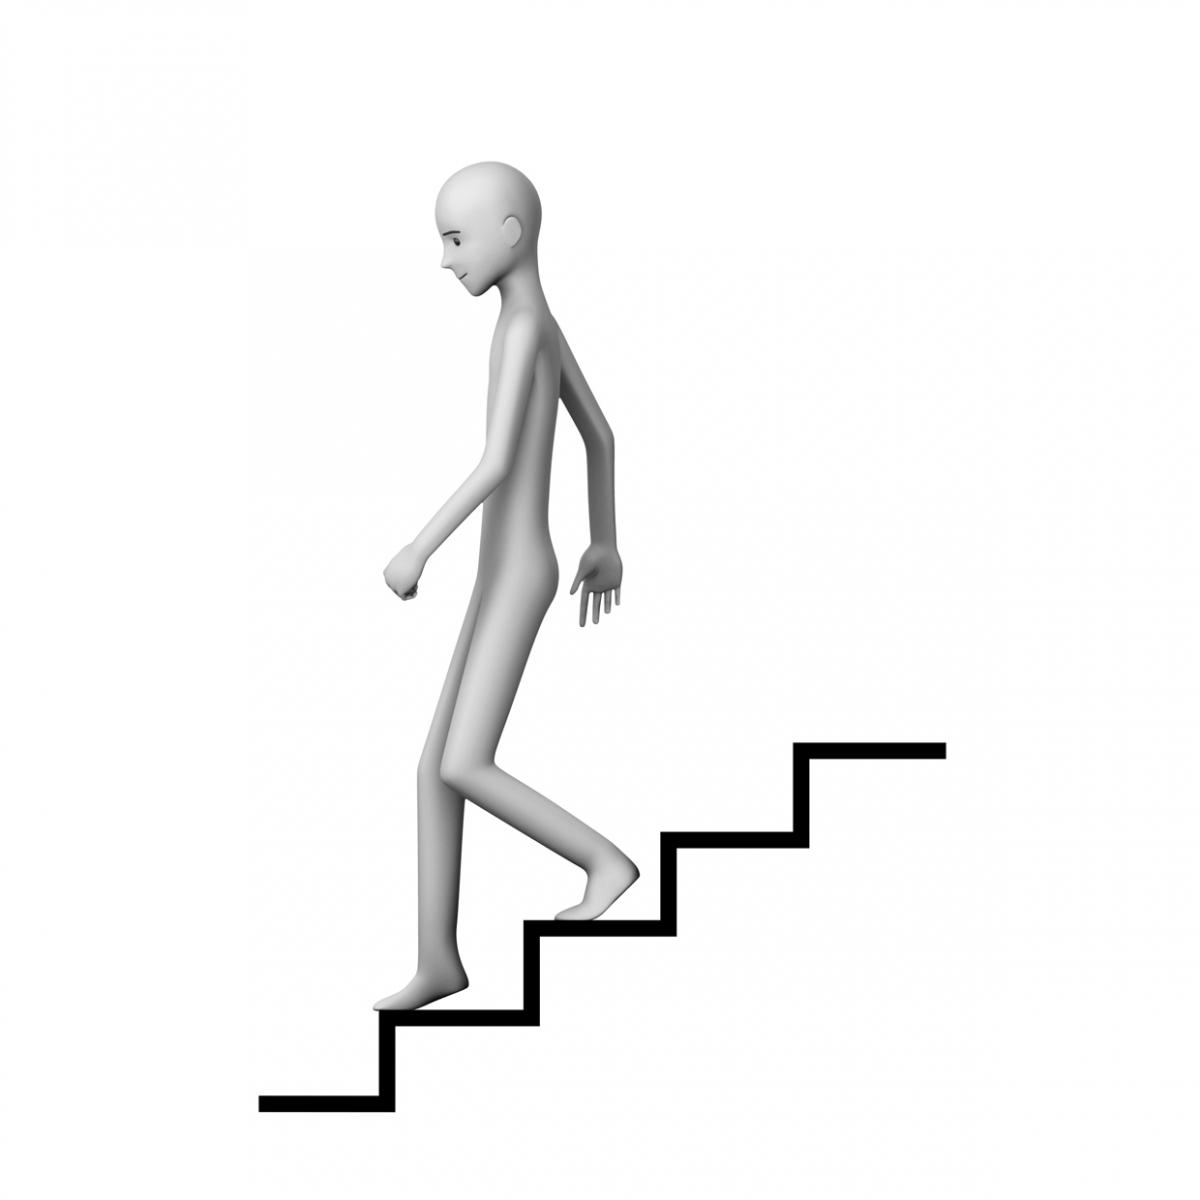 Imagen en la que aparece una persona bajando unas escaleras